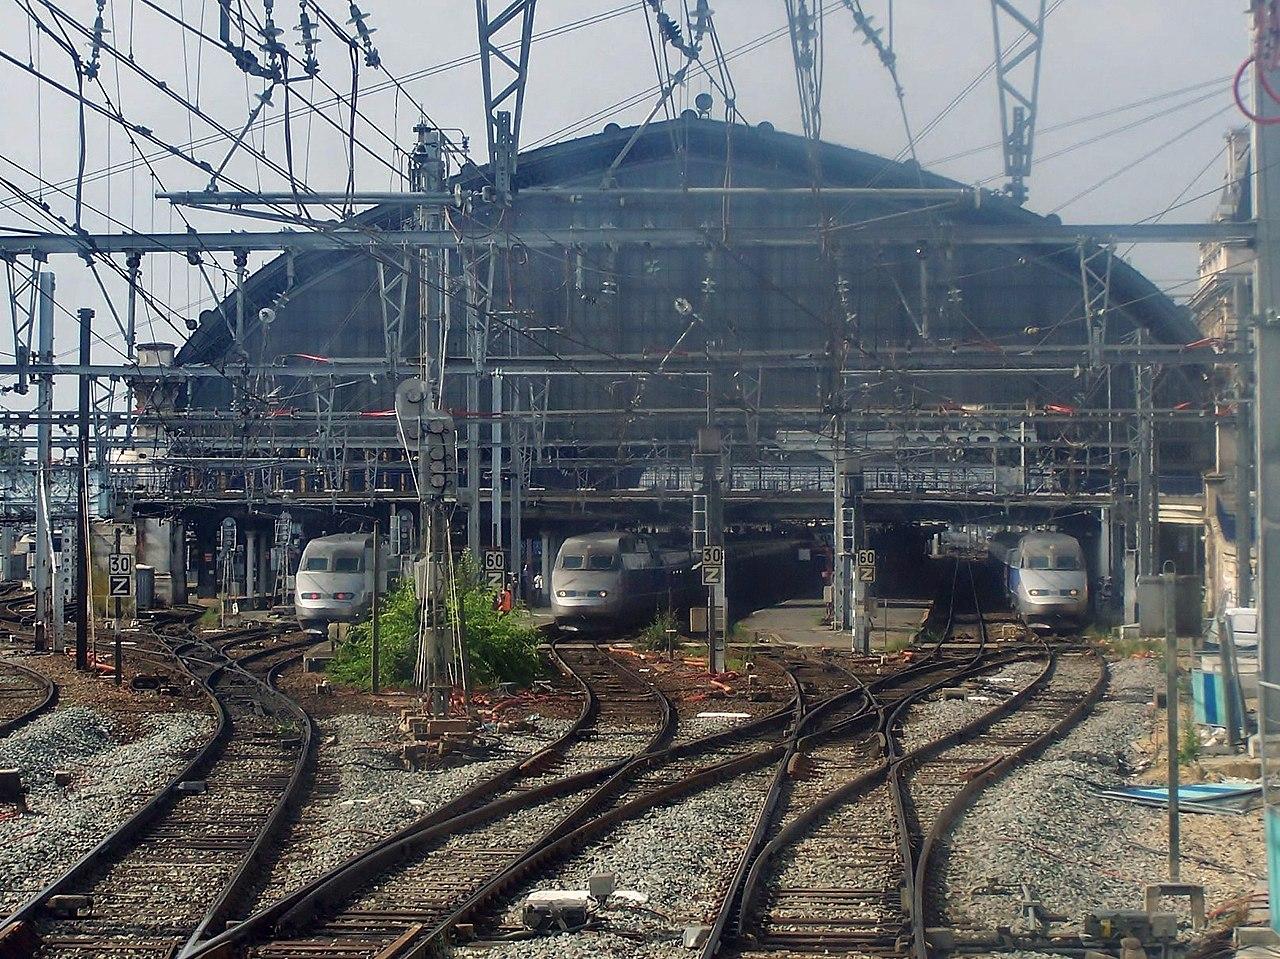 bordeaux vasútállomás